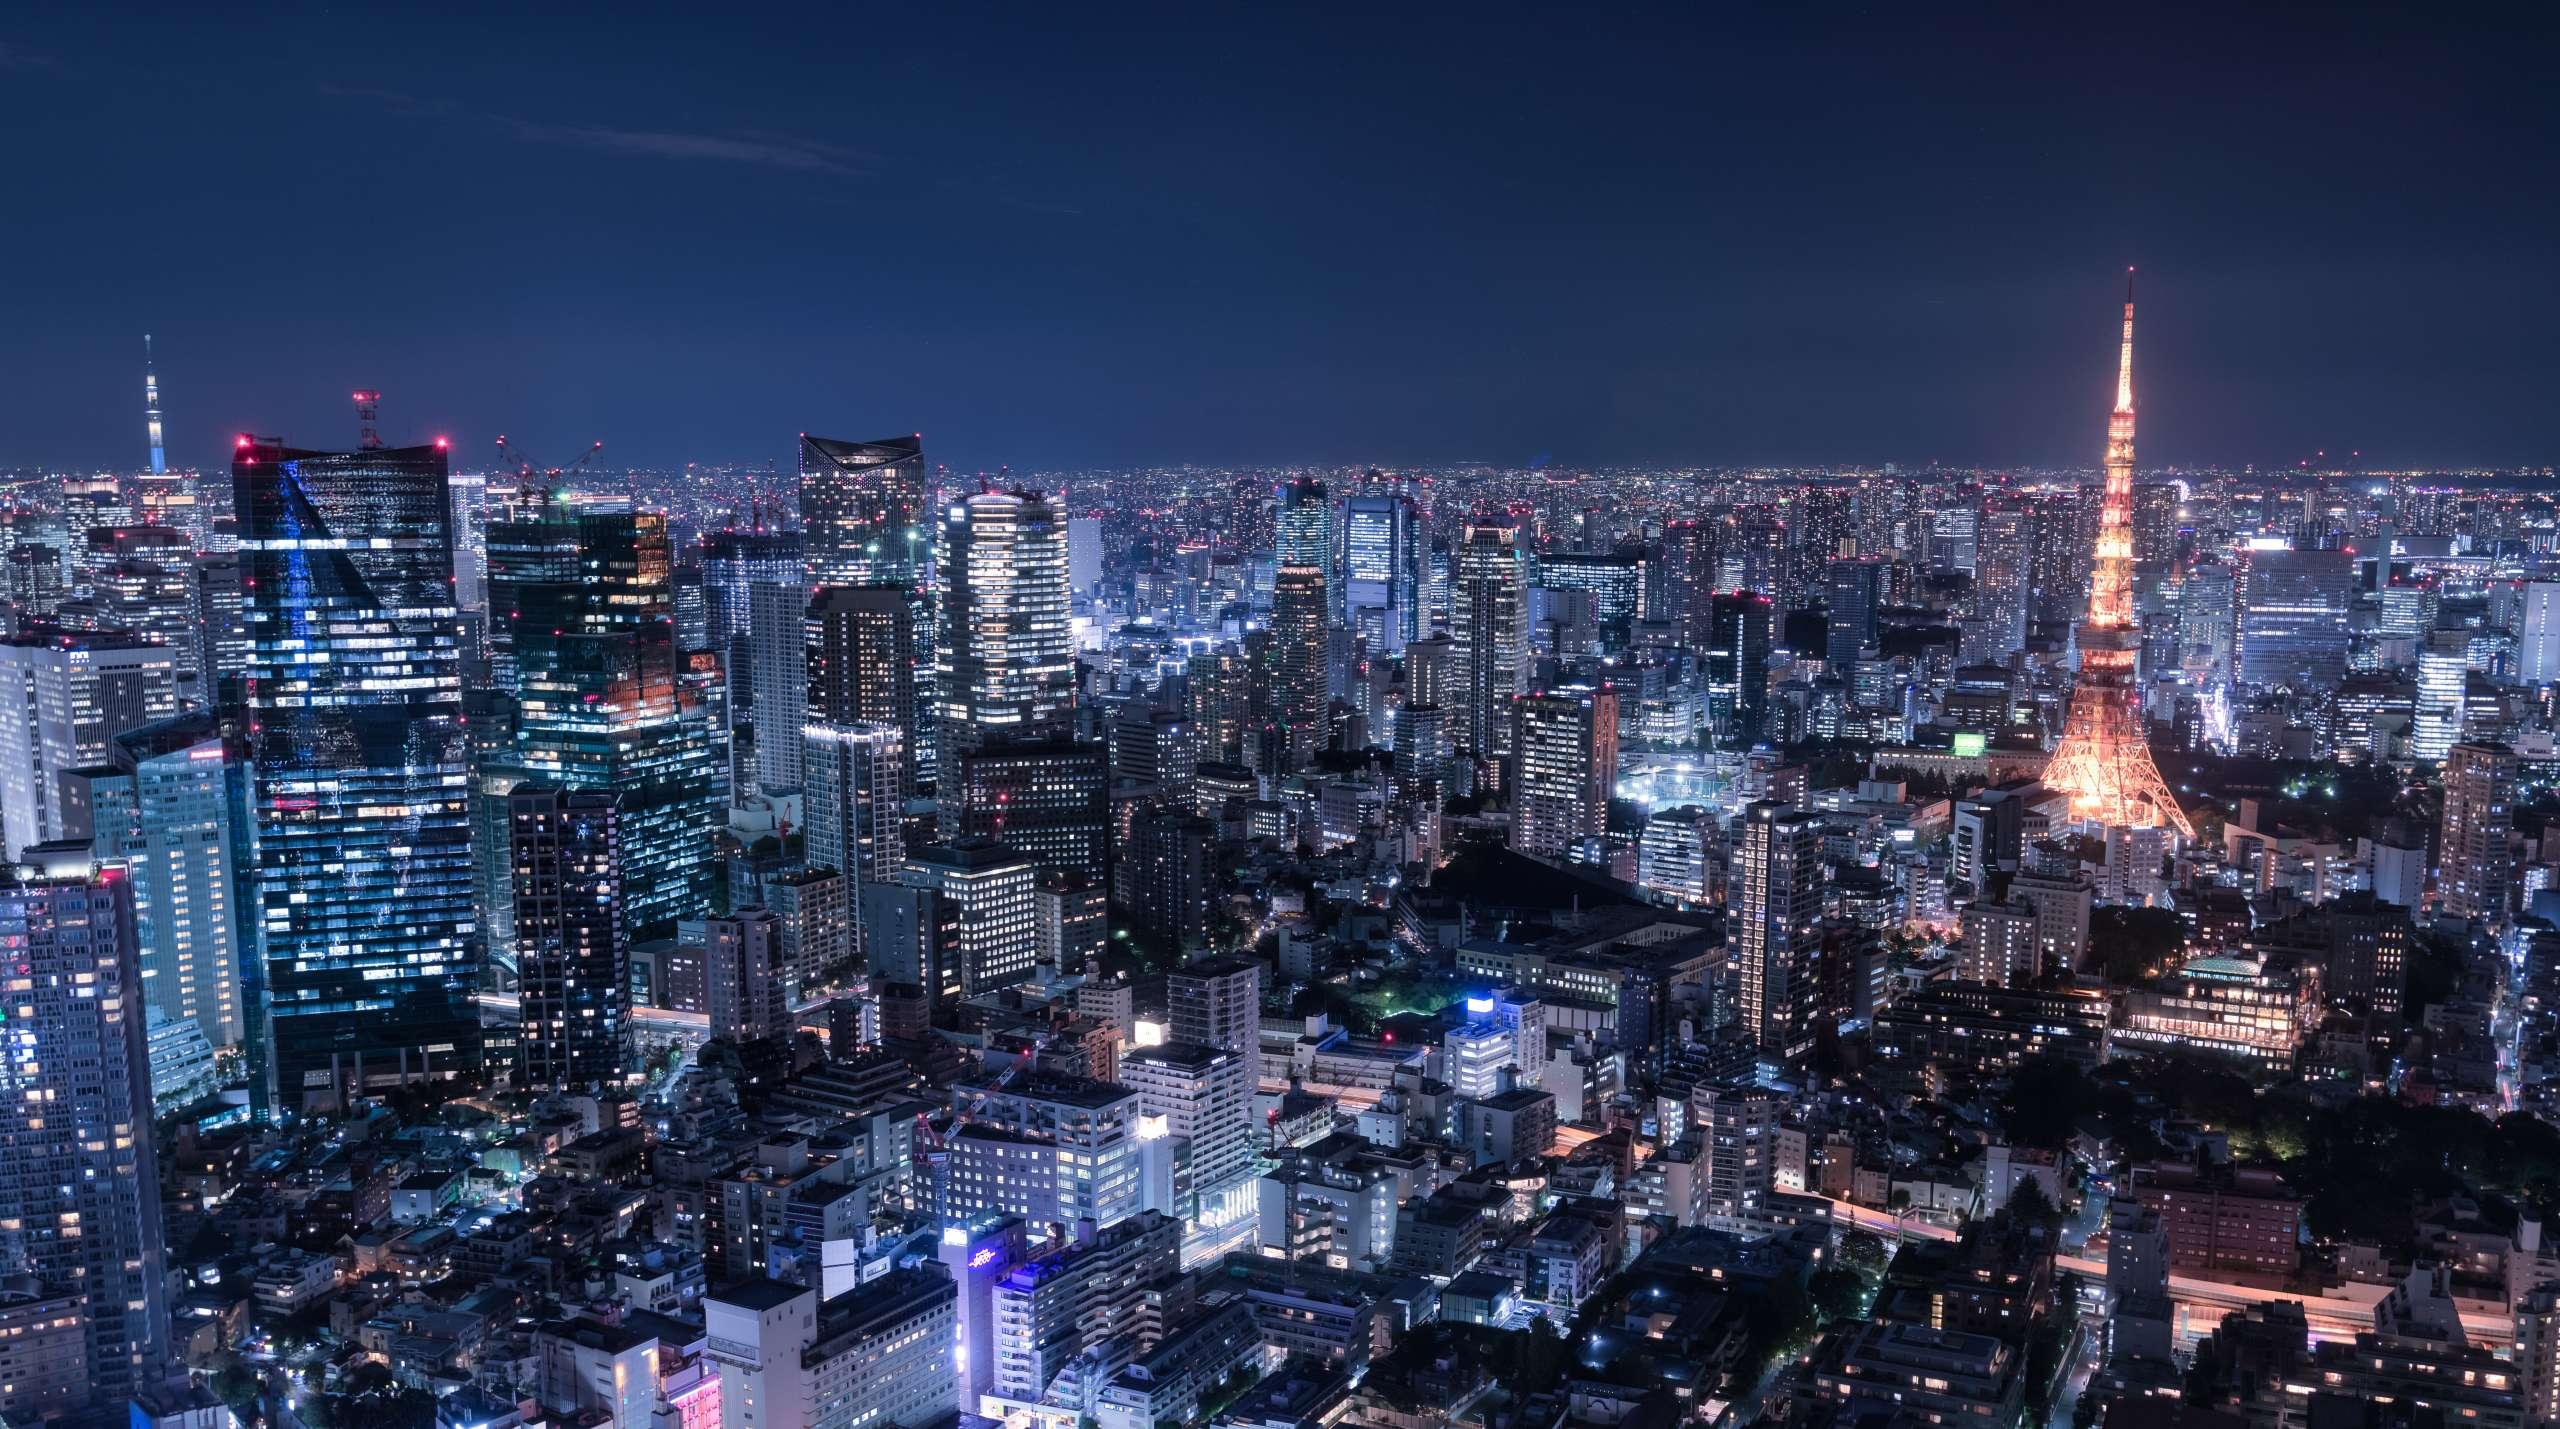 都心の夜景